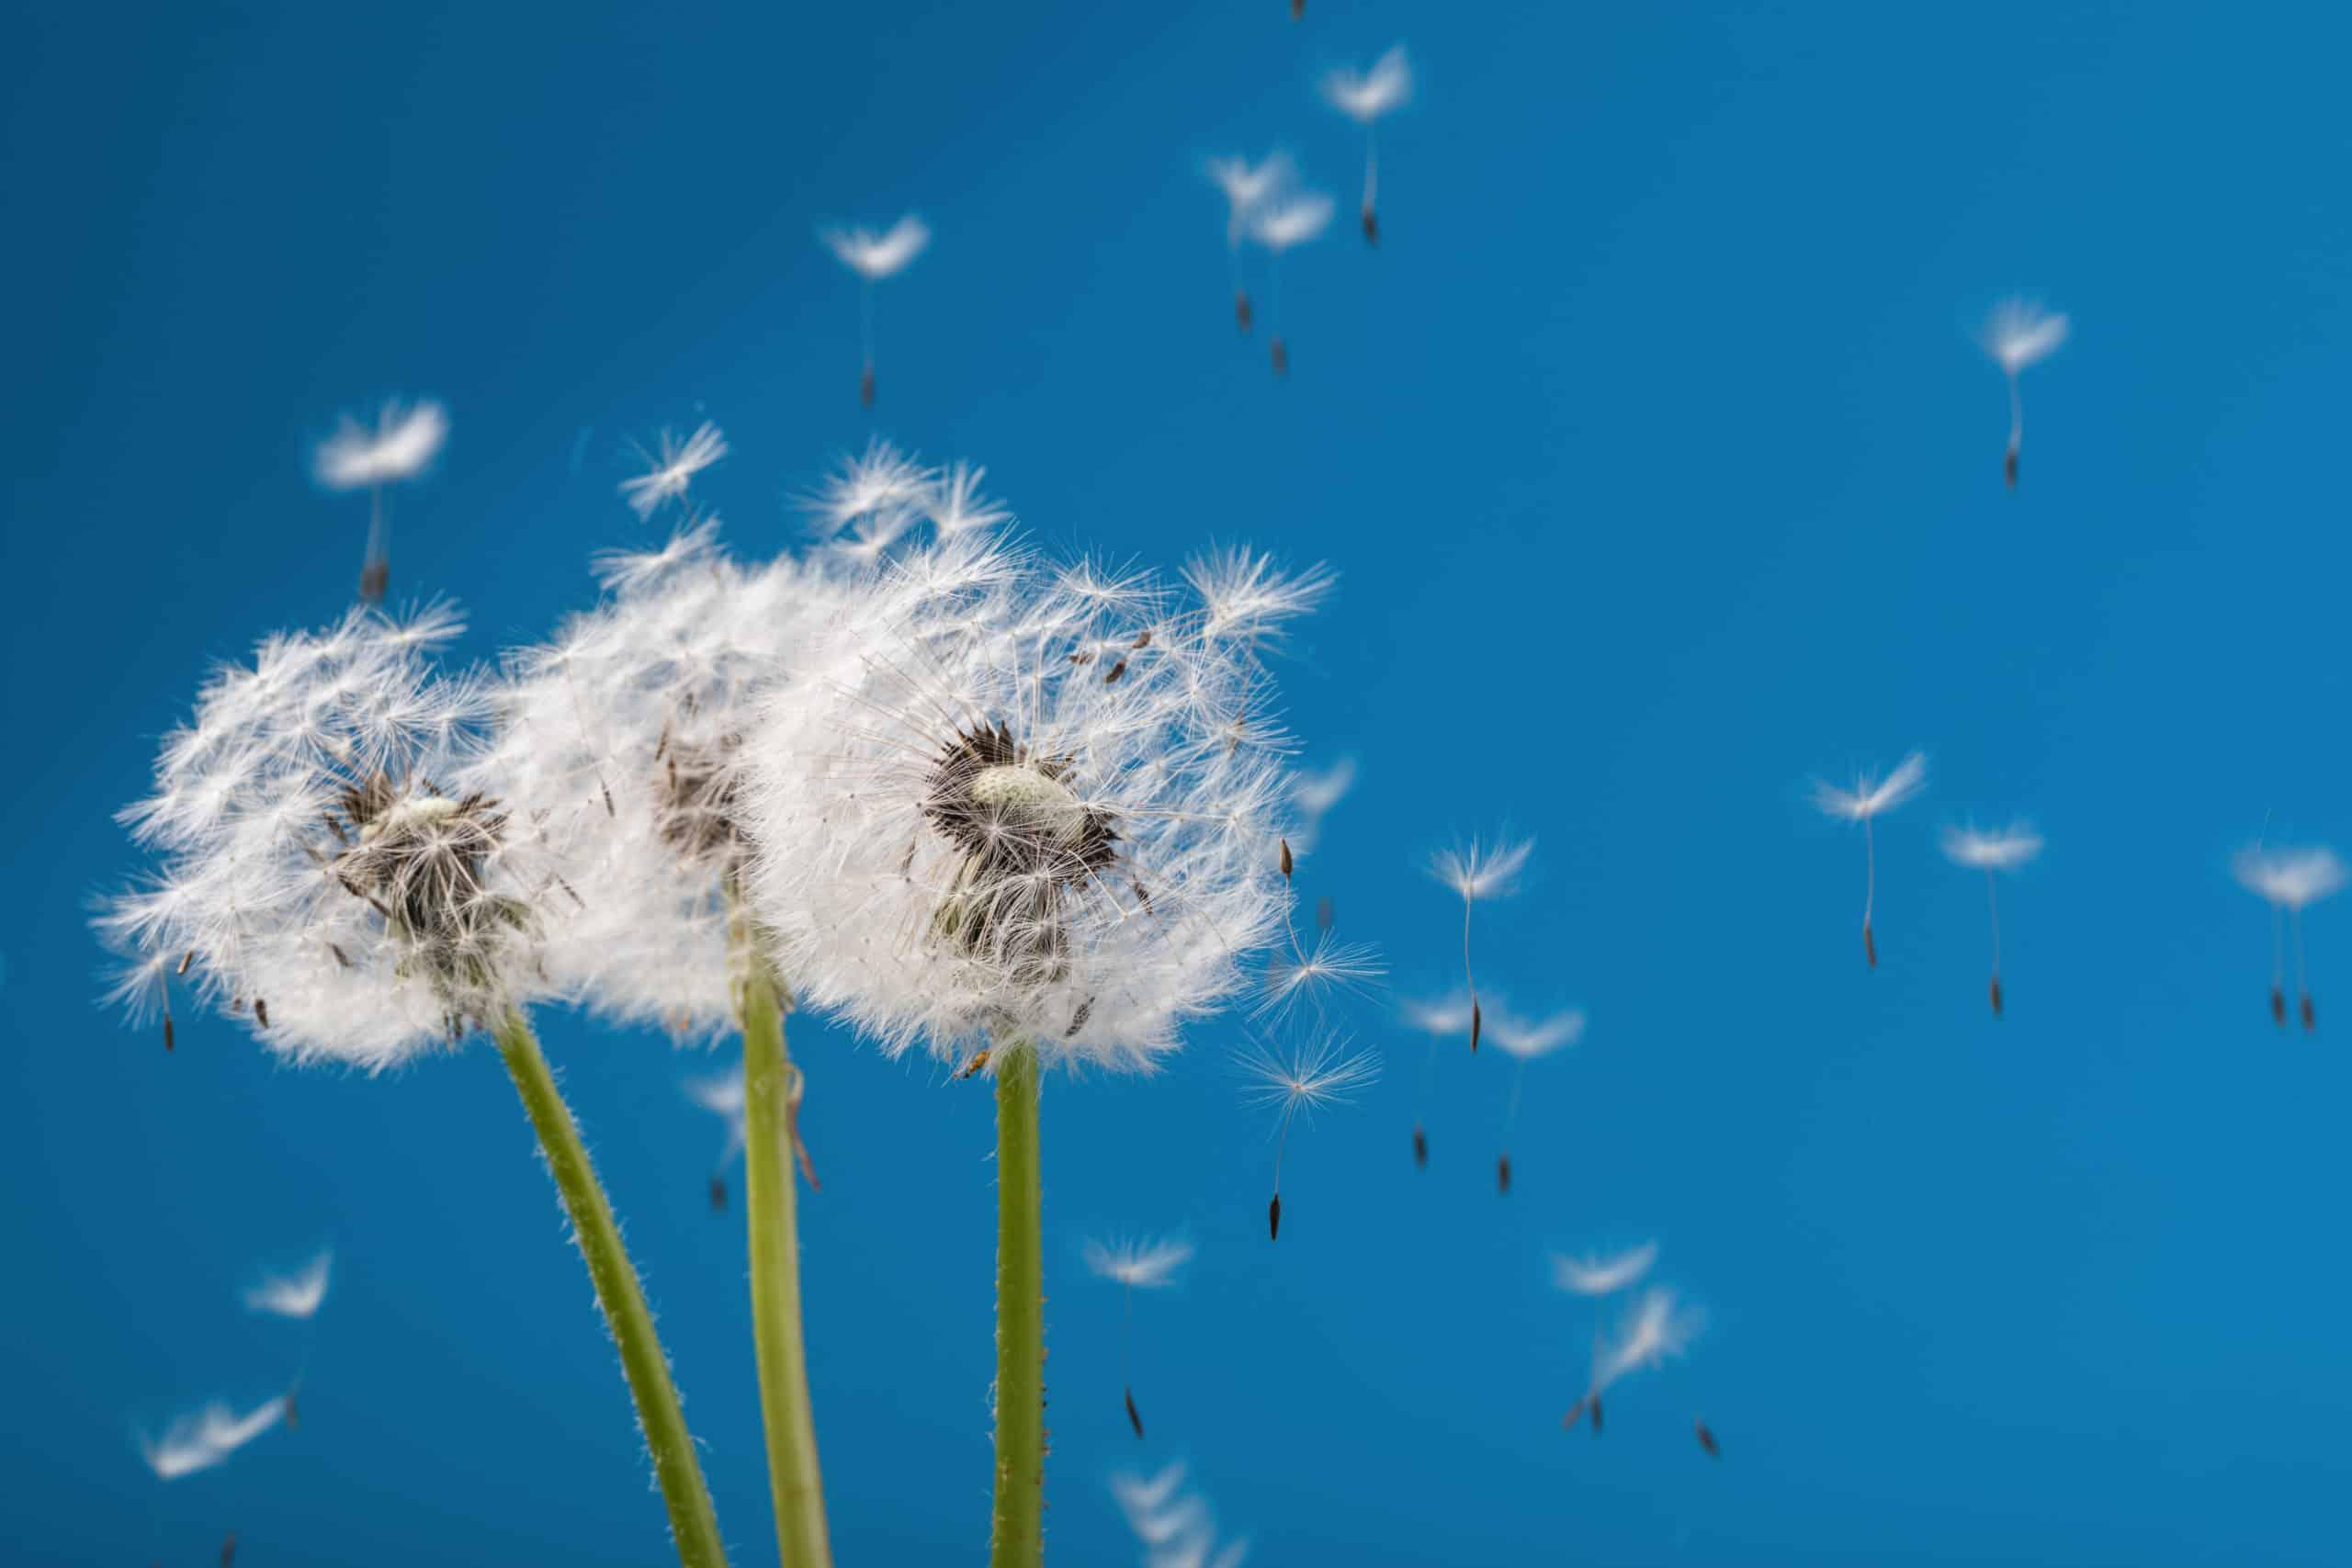 Les allergies et autres sensibilités peuvent fatiguer votre organisme, à l'instar de ce pisssenlit au vent